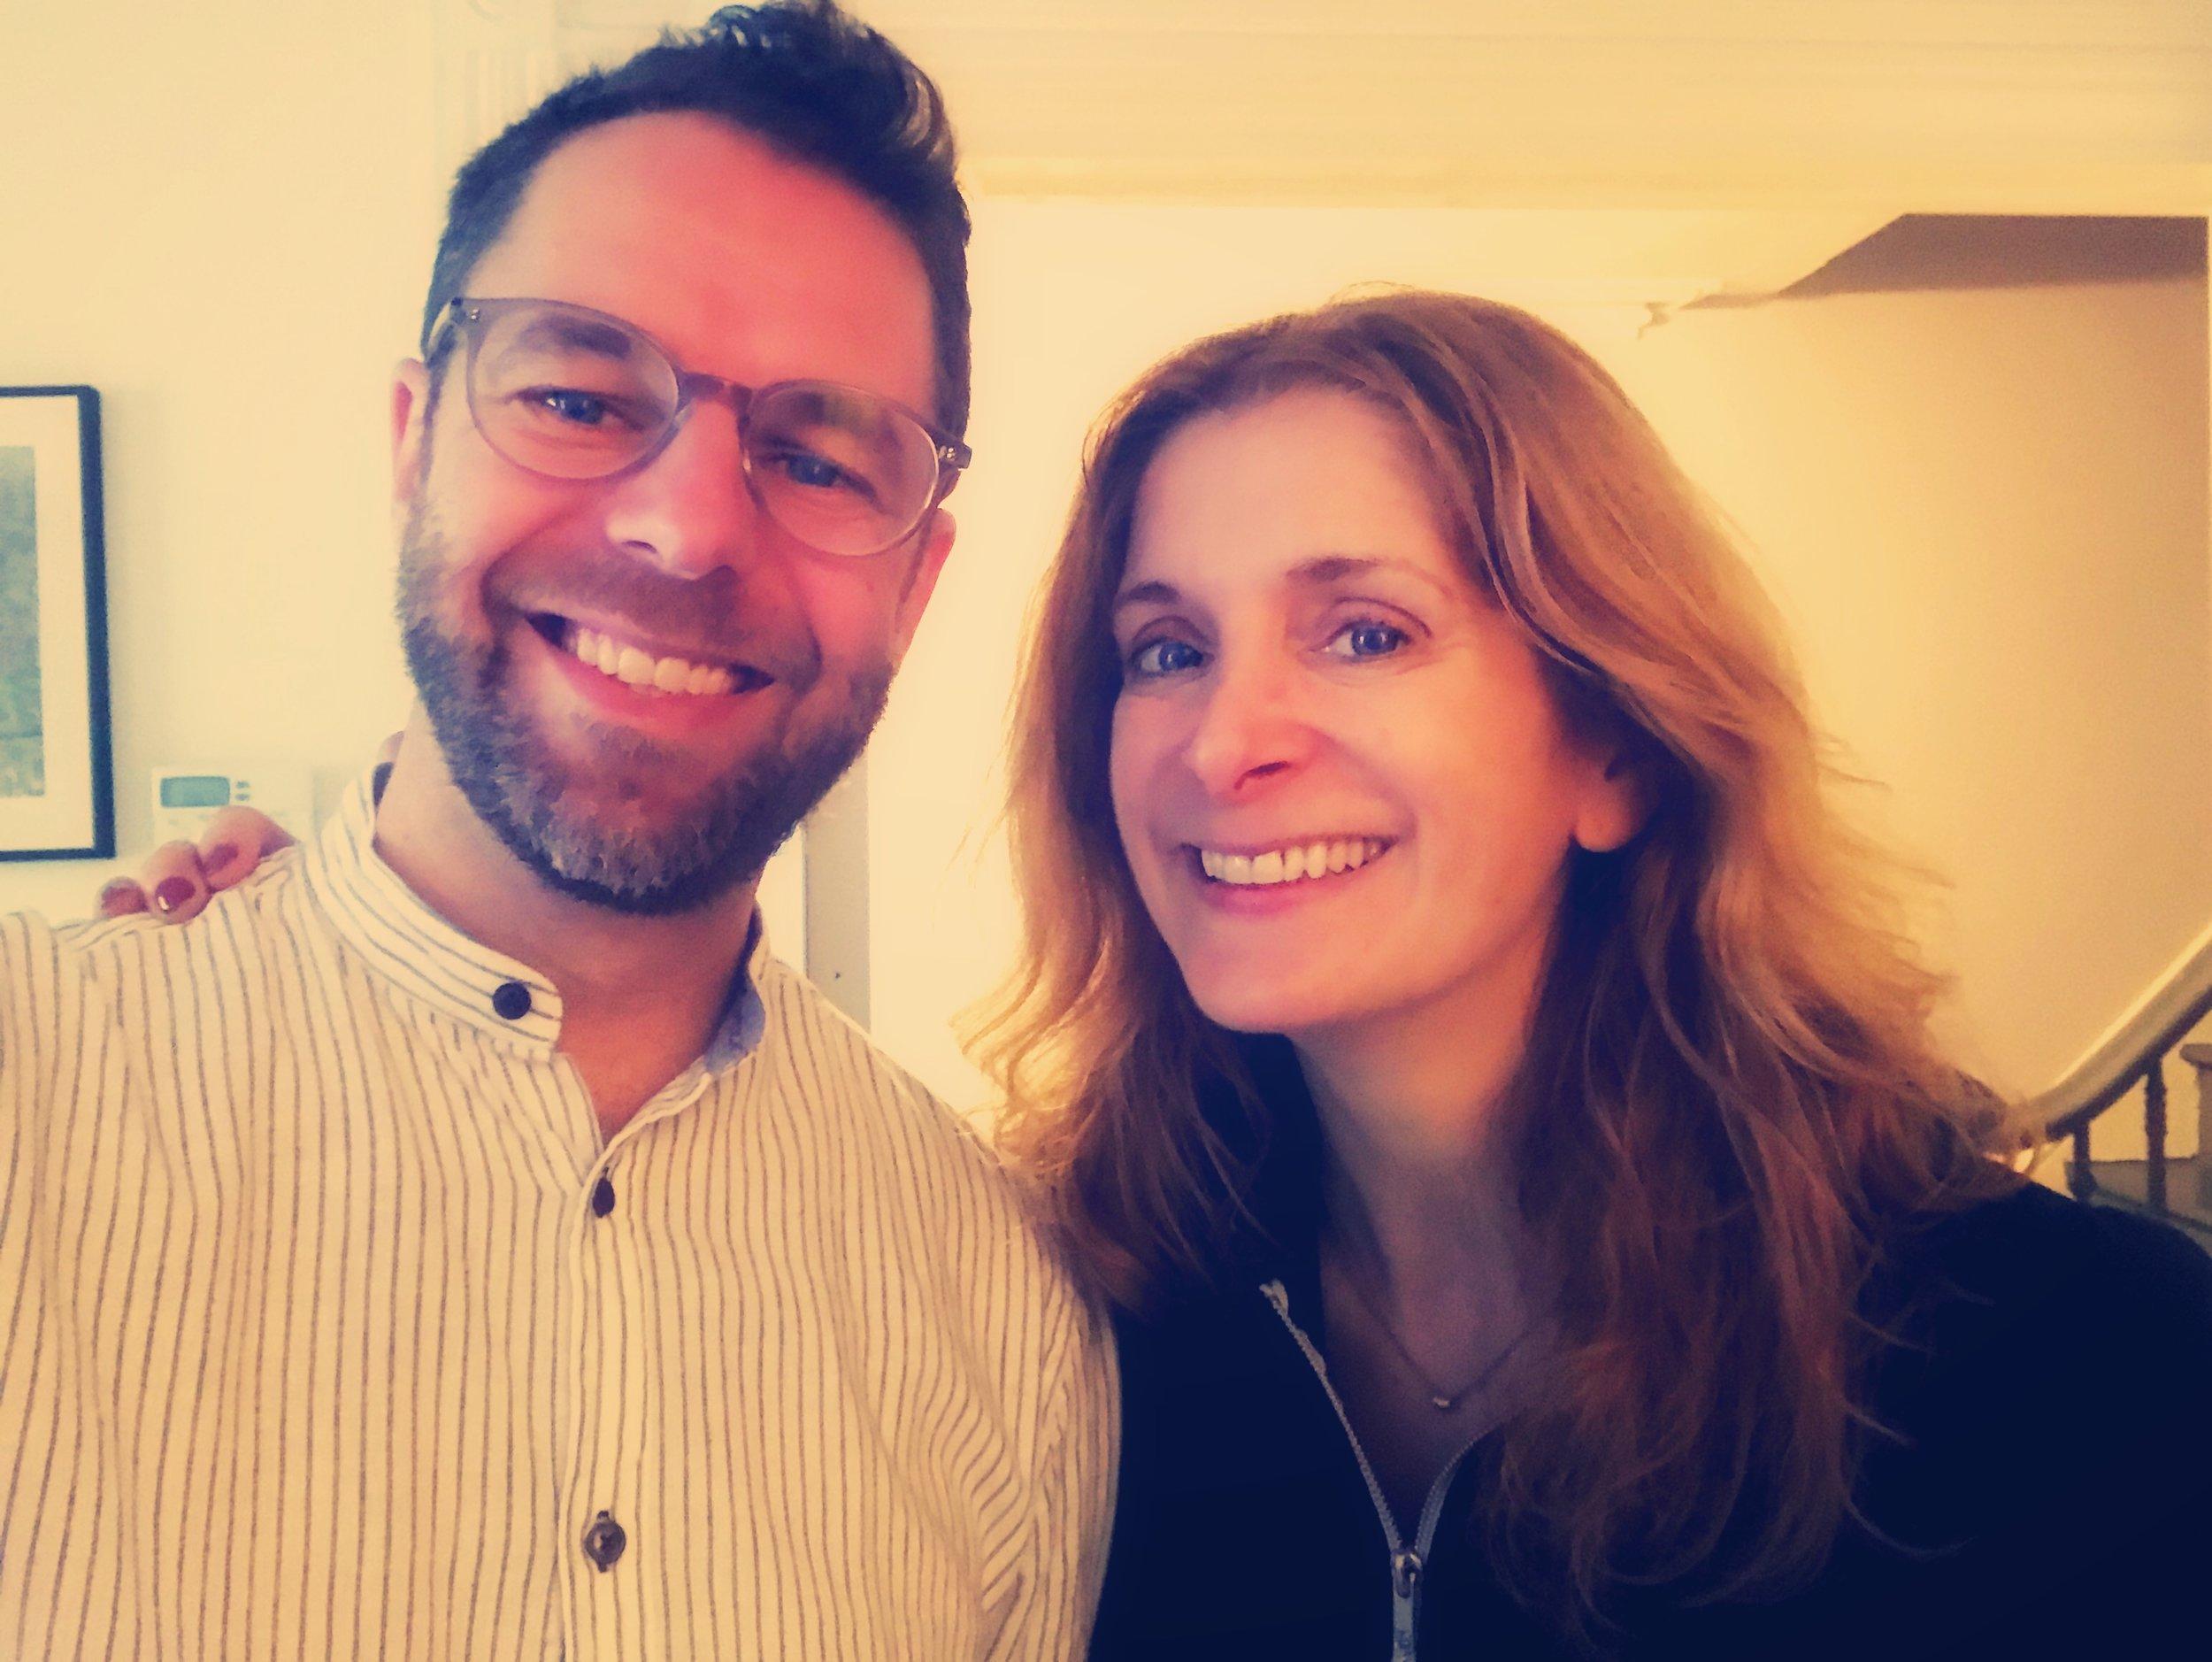 With Melissa Clark, Brooklyn NY, May 2019